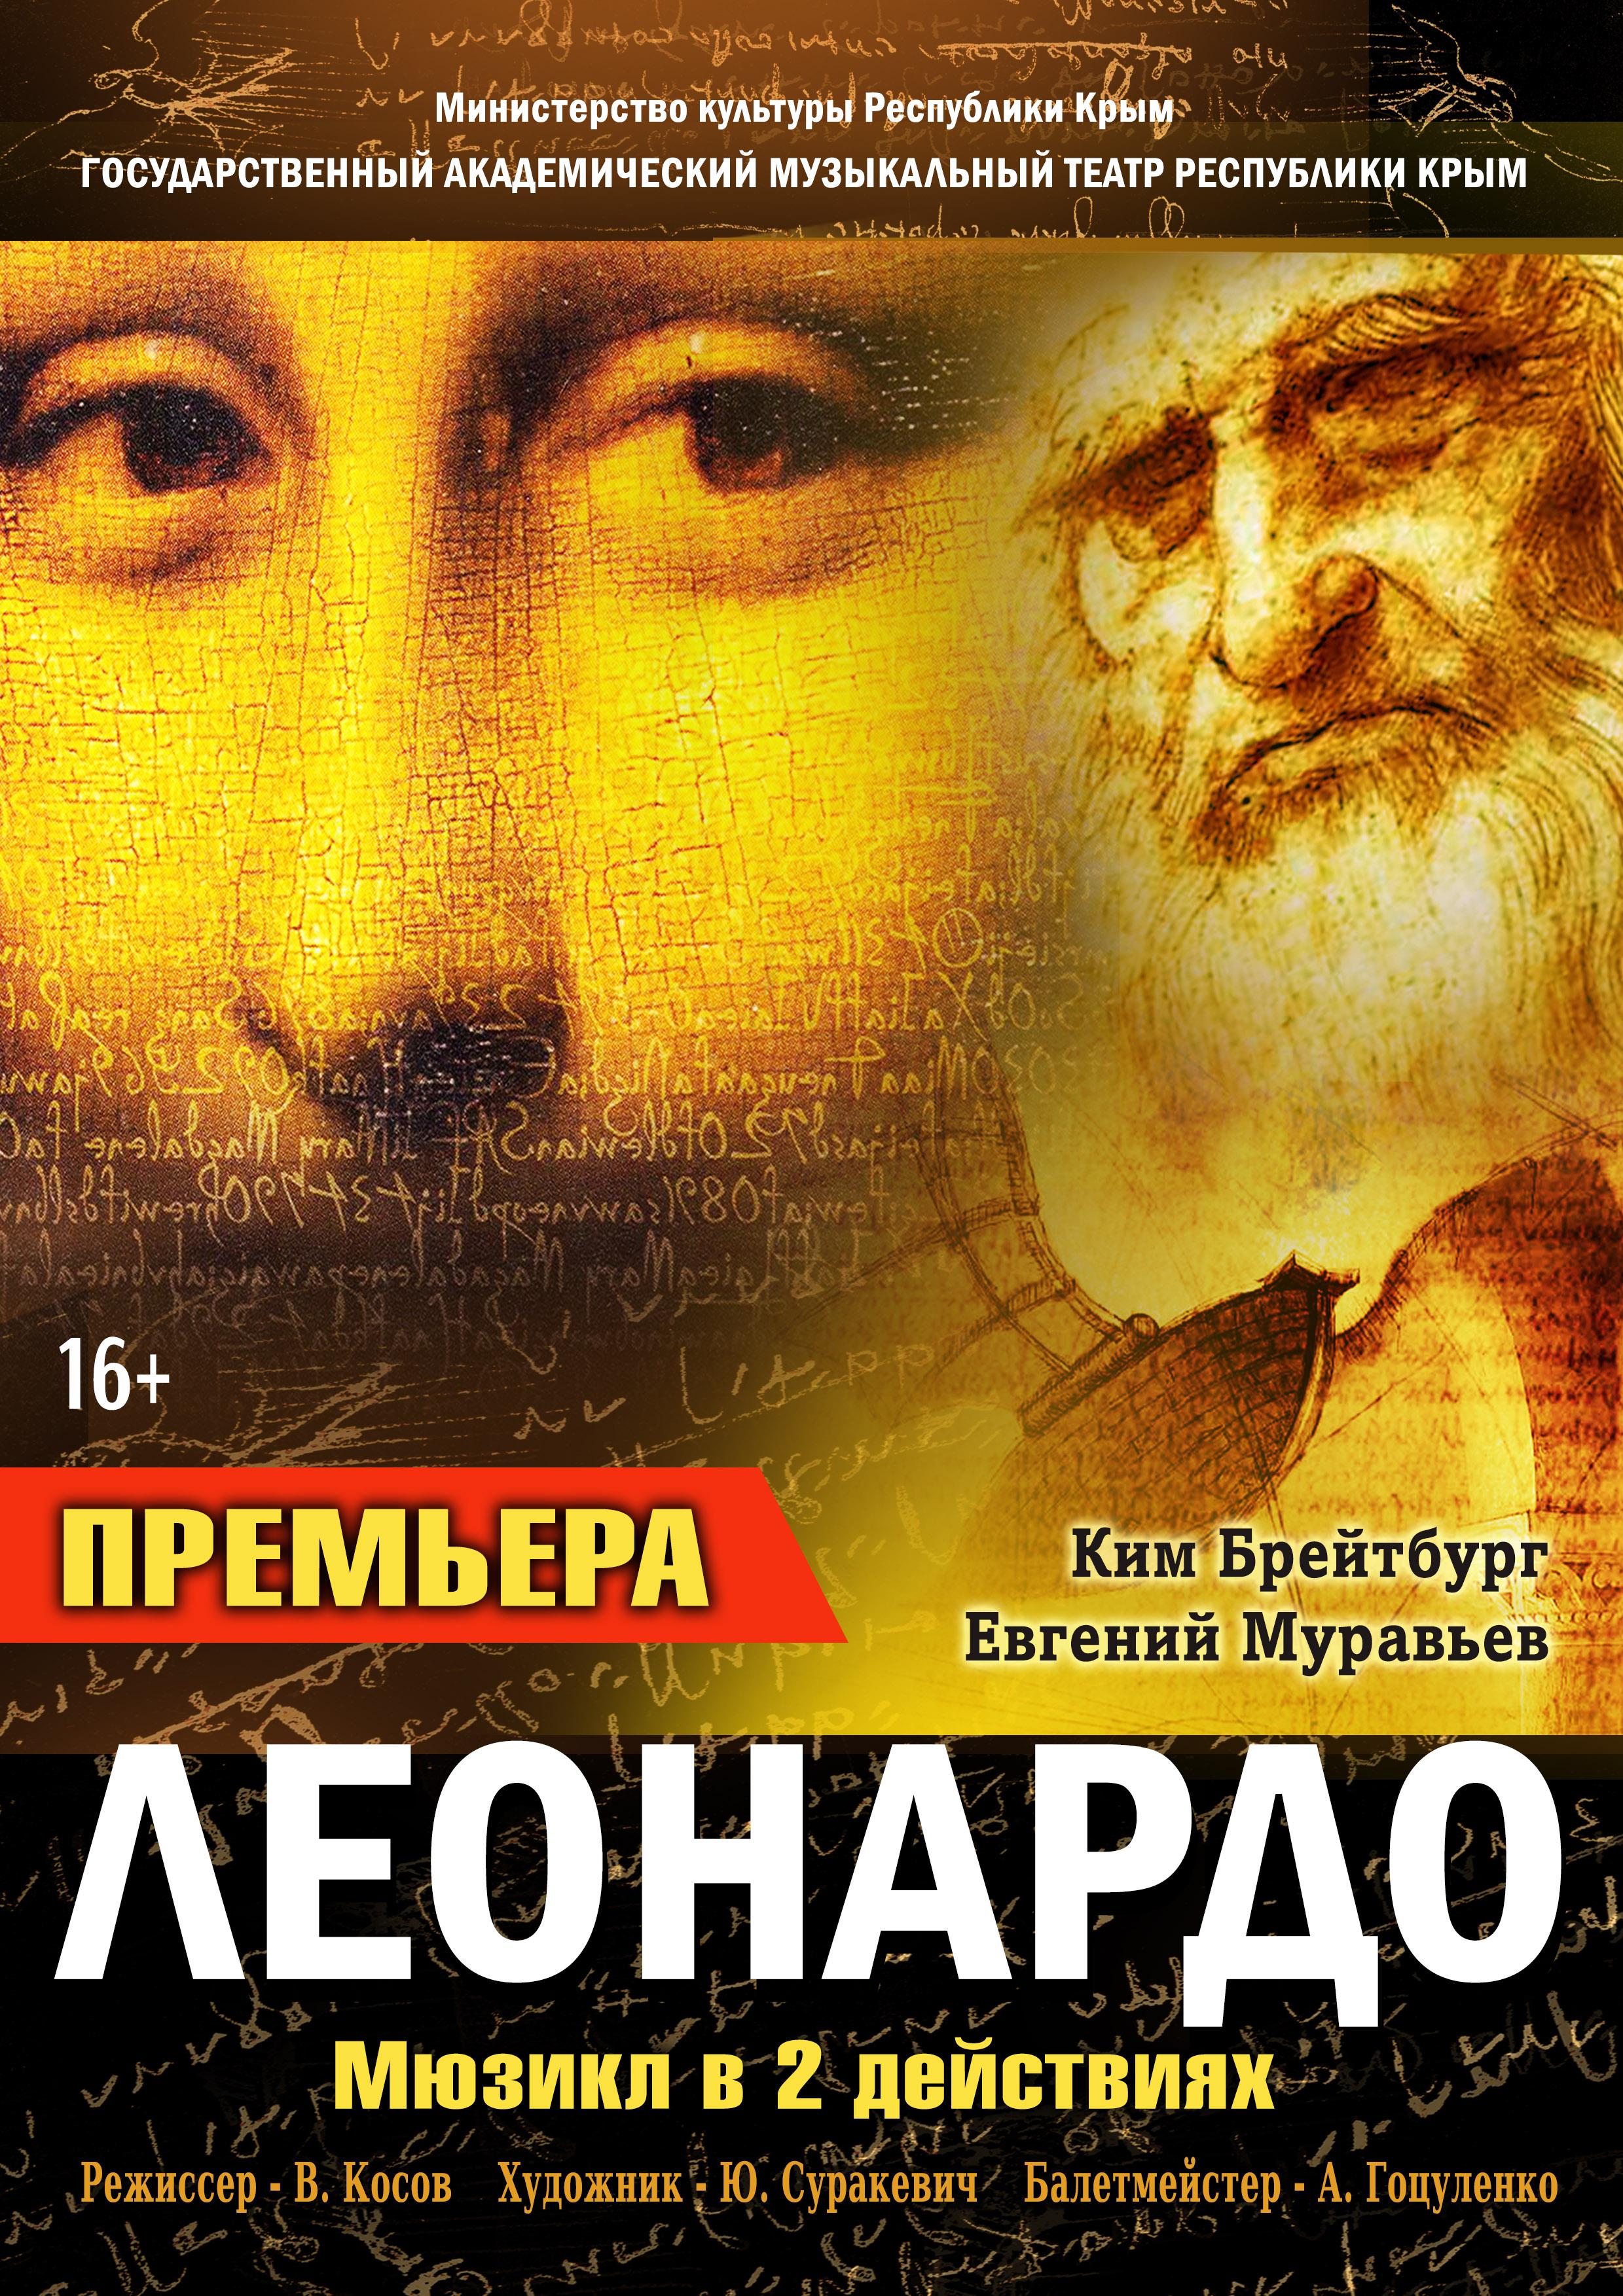 Афиша ЛЕОНАРДО А1